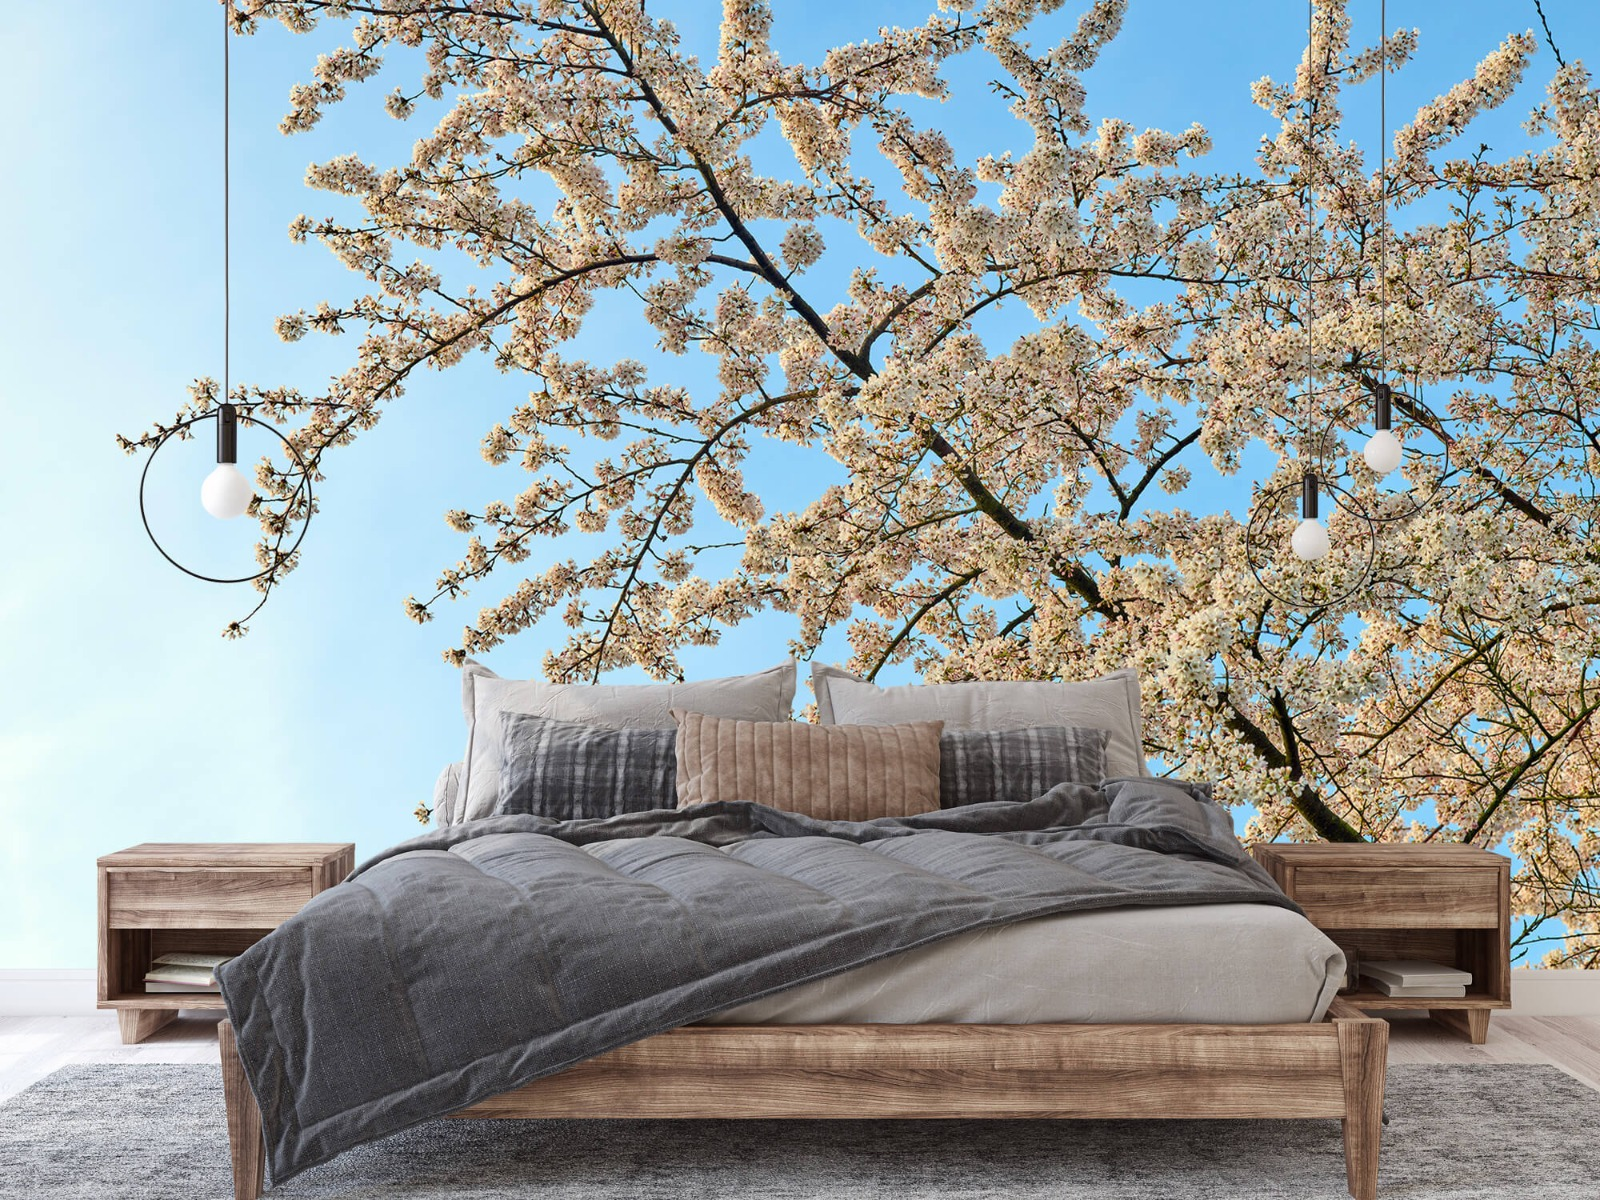 Bomen - Bloesemtak - Slaapkamer 2